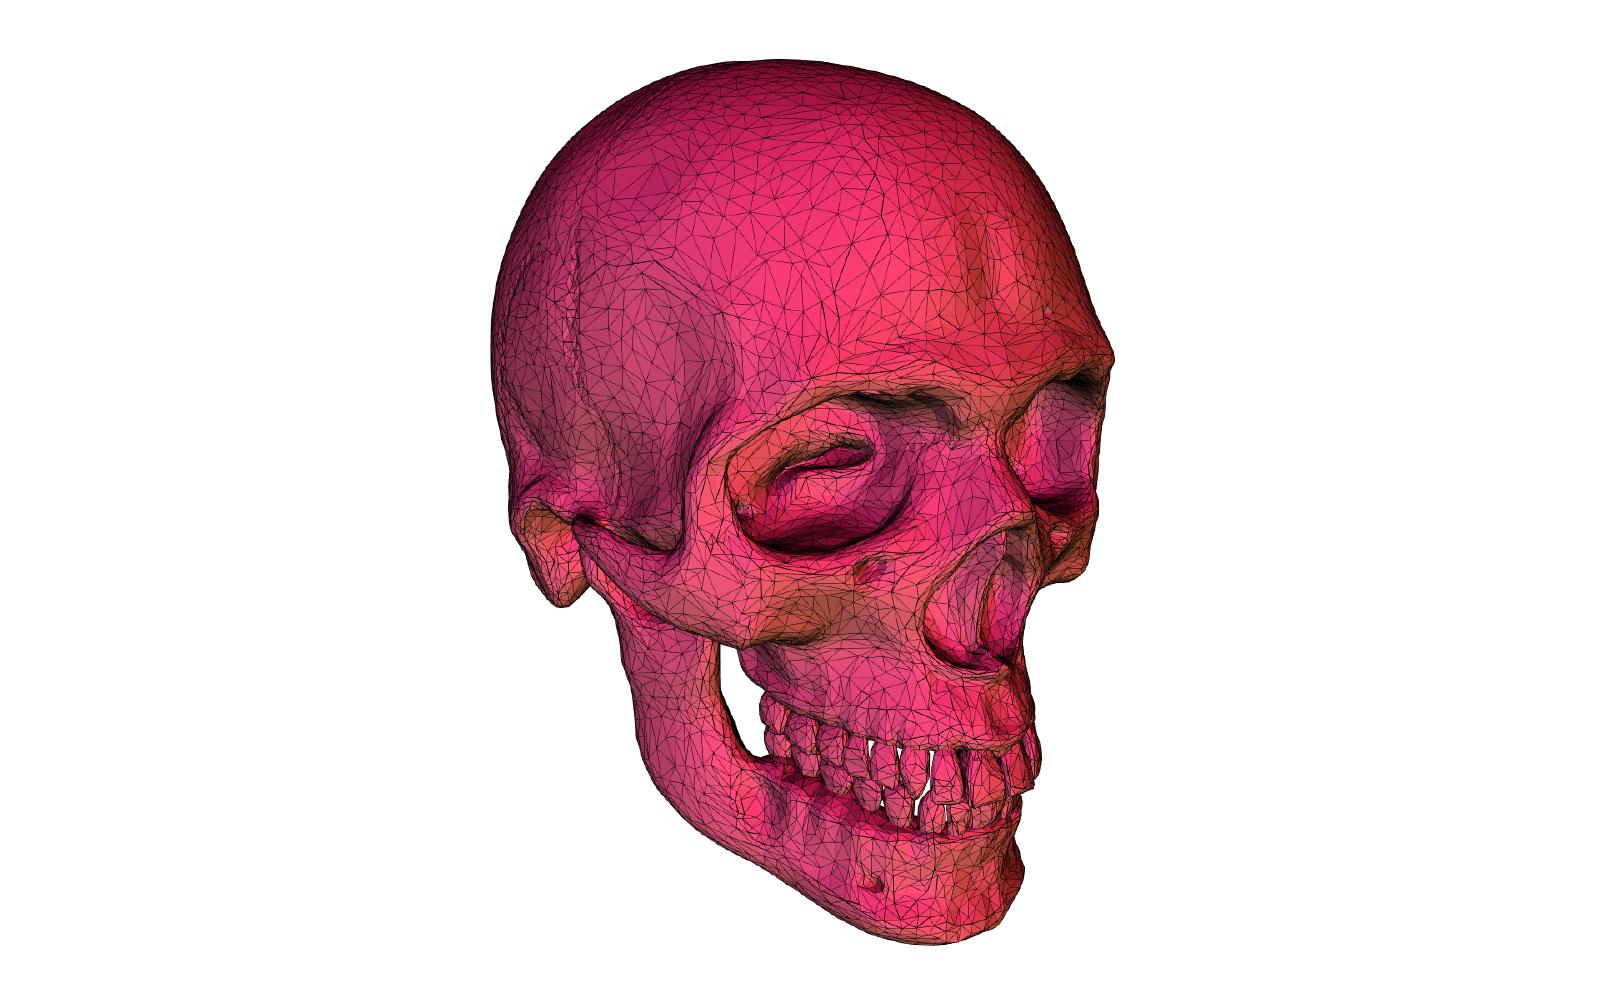 3d model of a skull